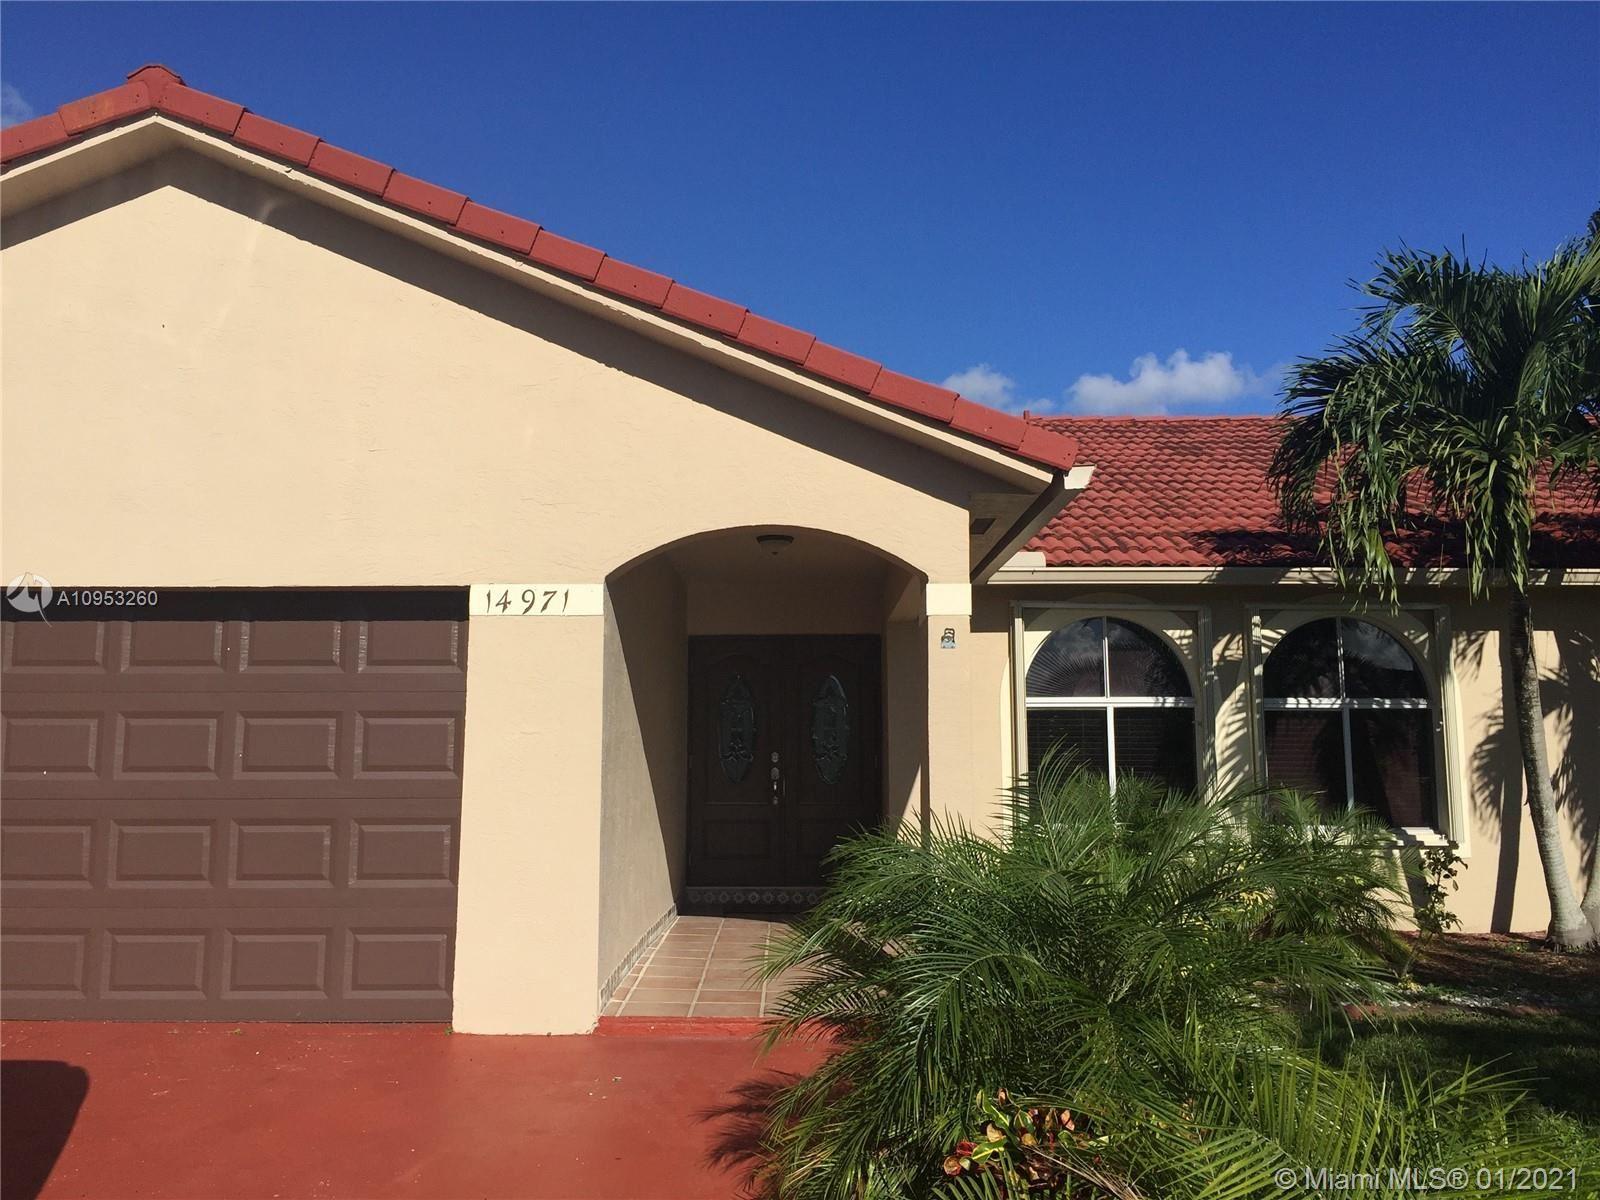 14971 SW 147th Ct, Miami, FL 33196 - #: A10953260